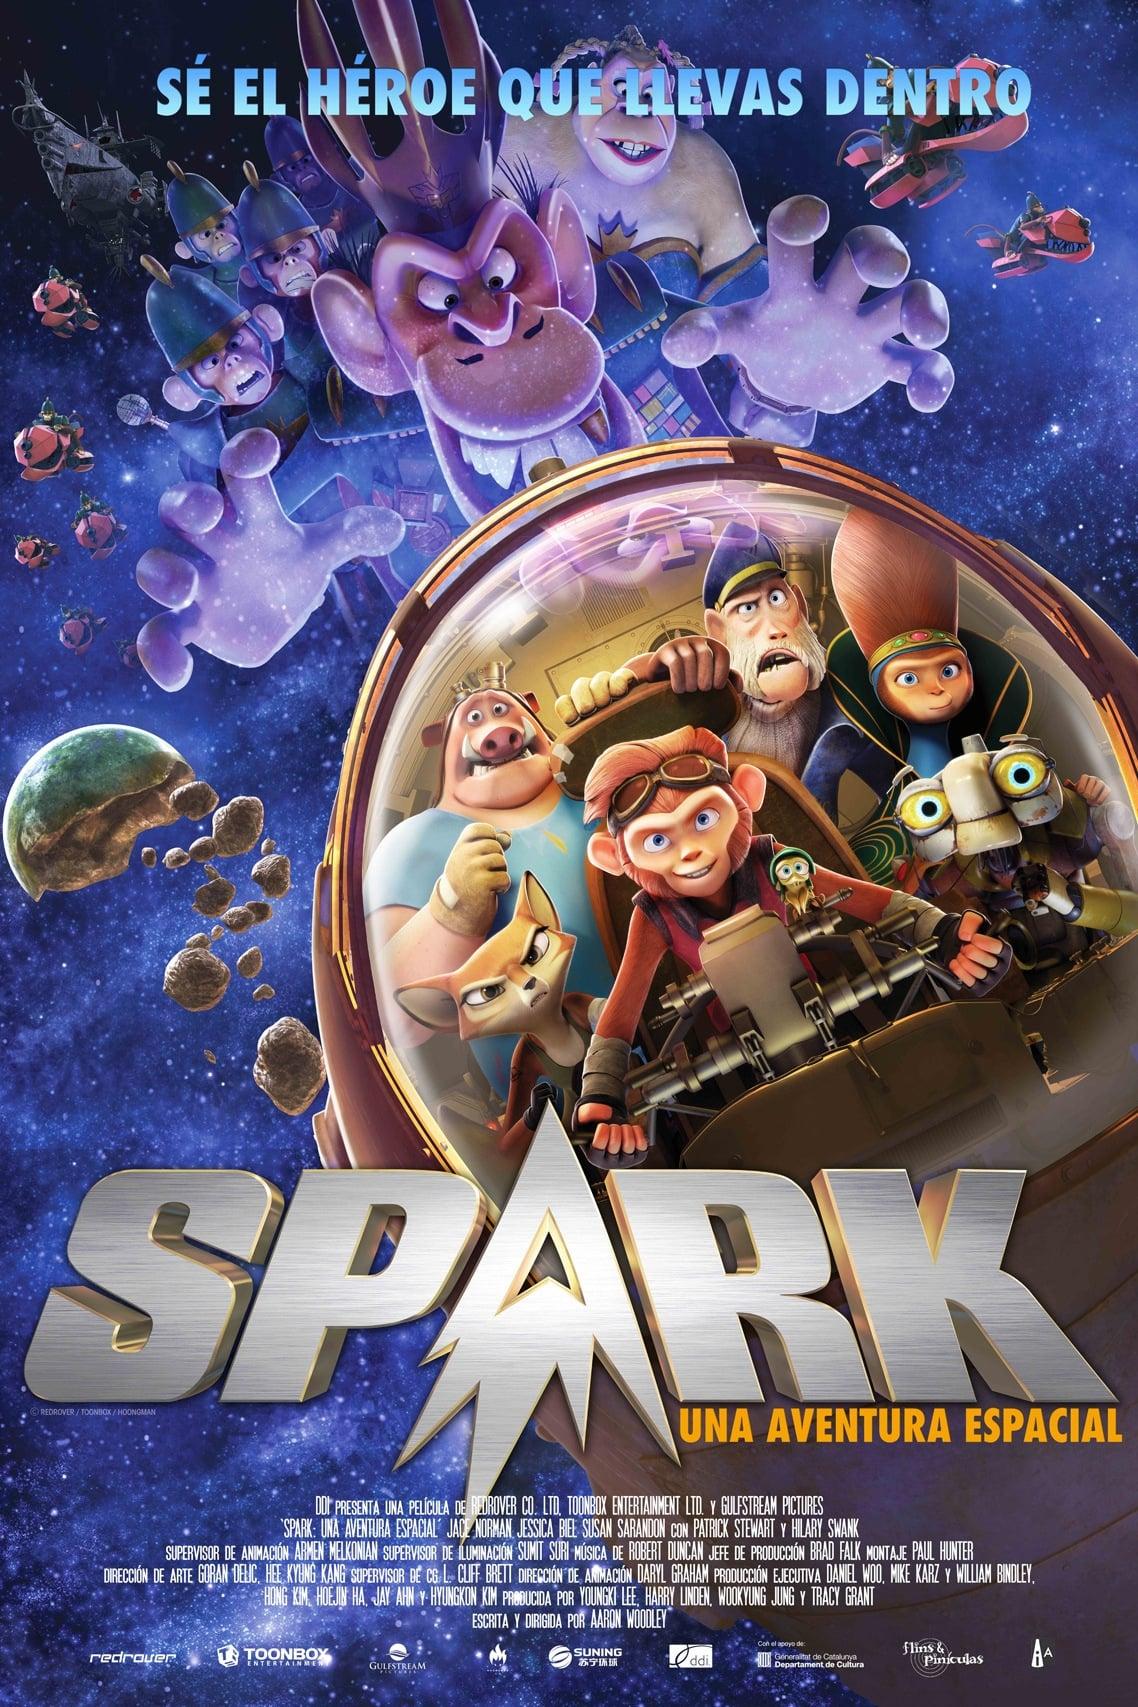 Póster Spark, una aventura espacial